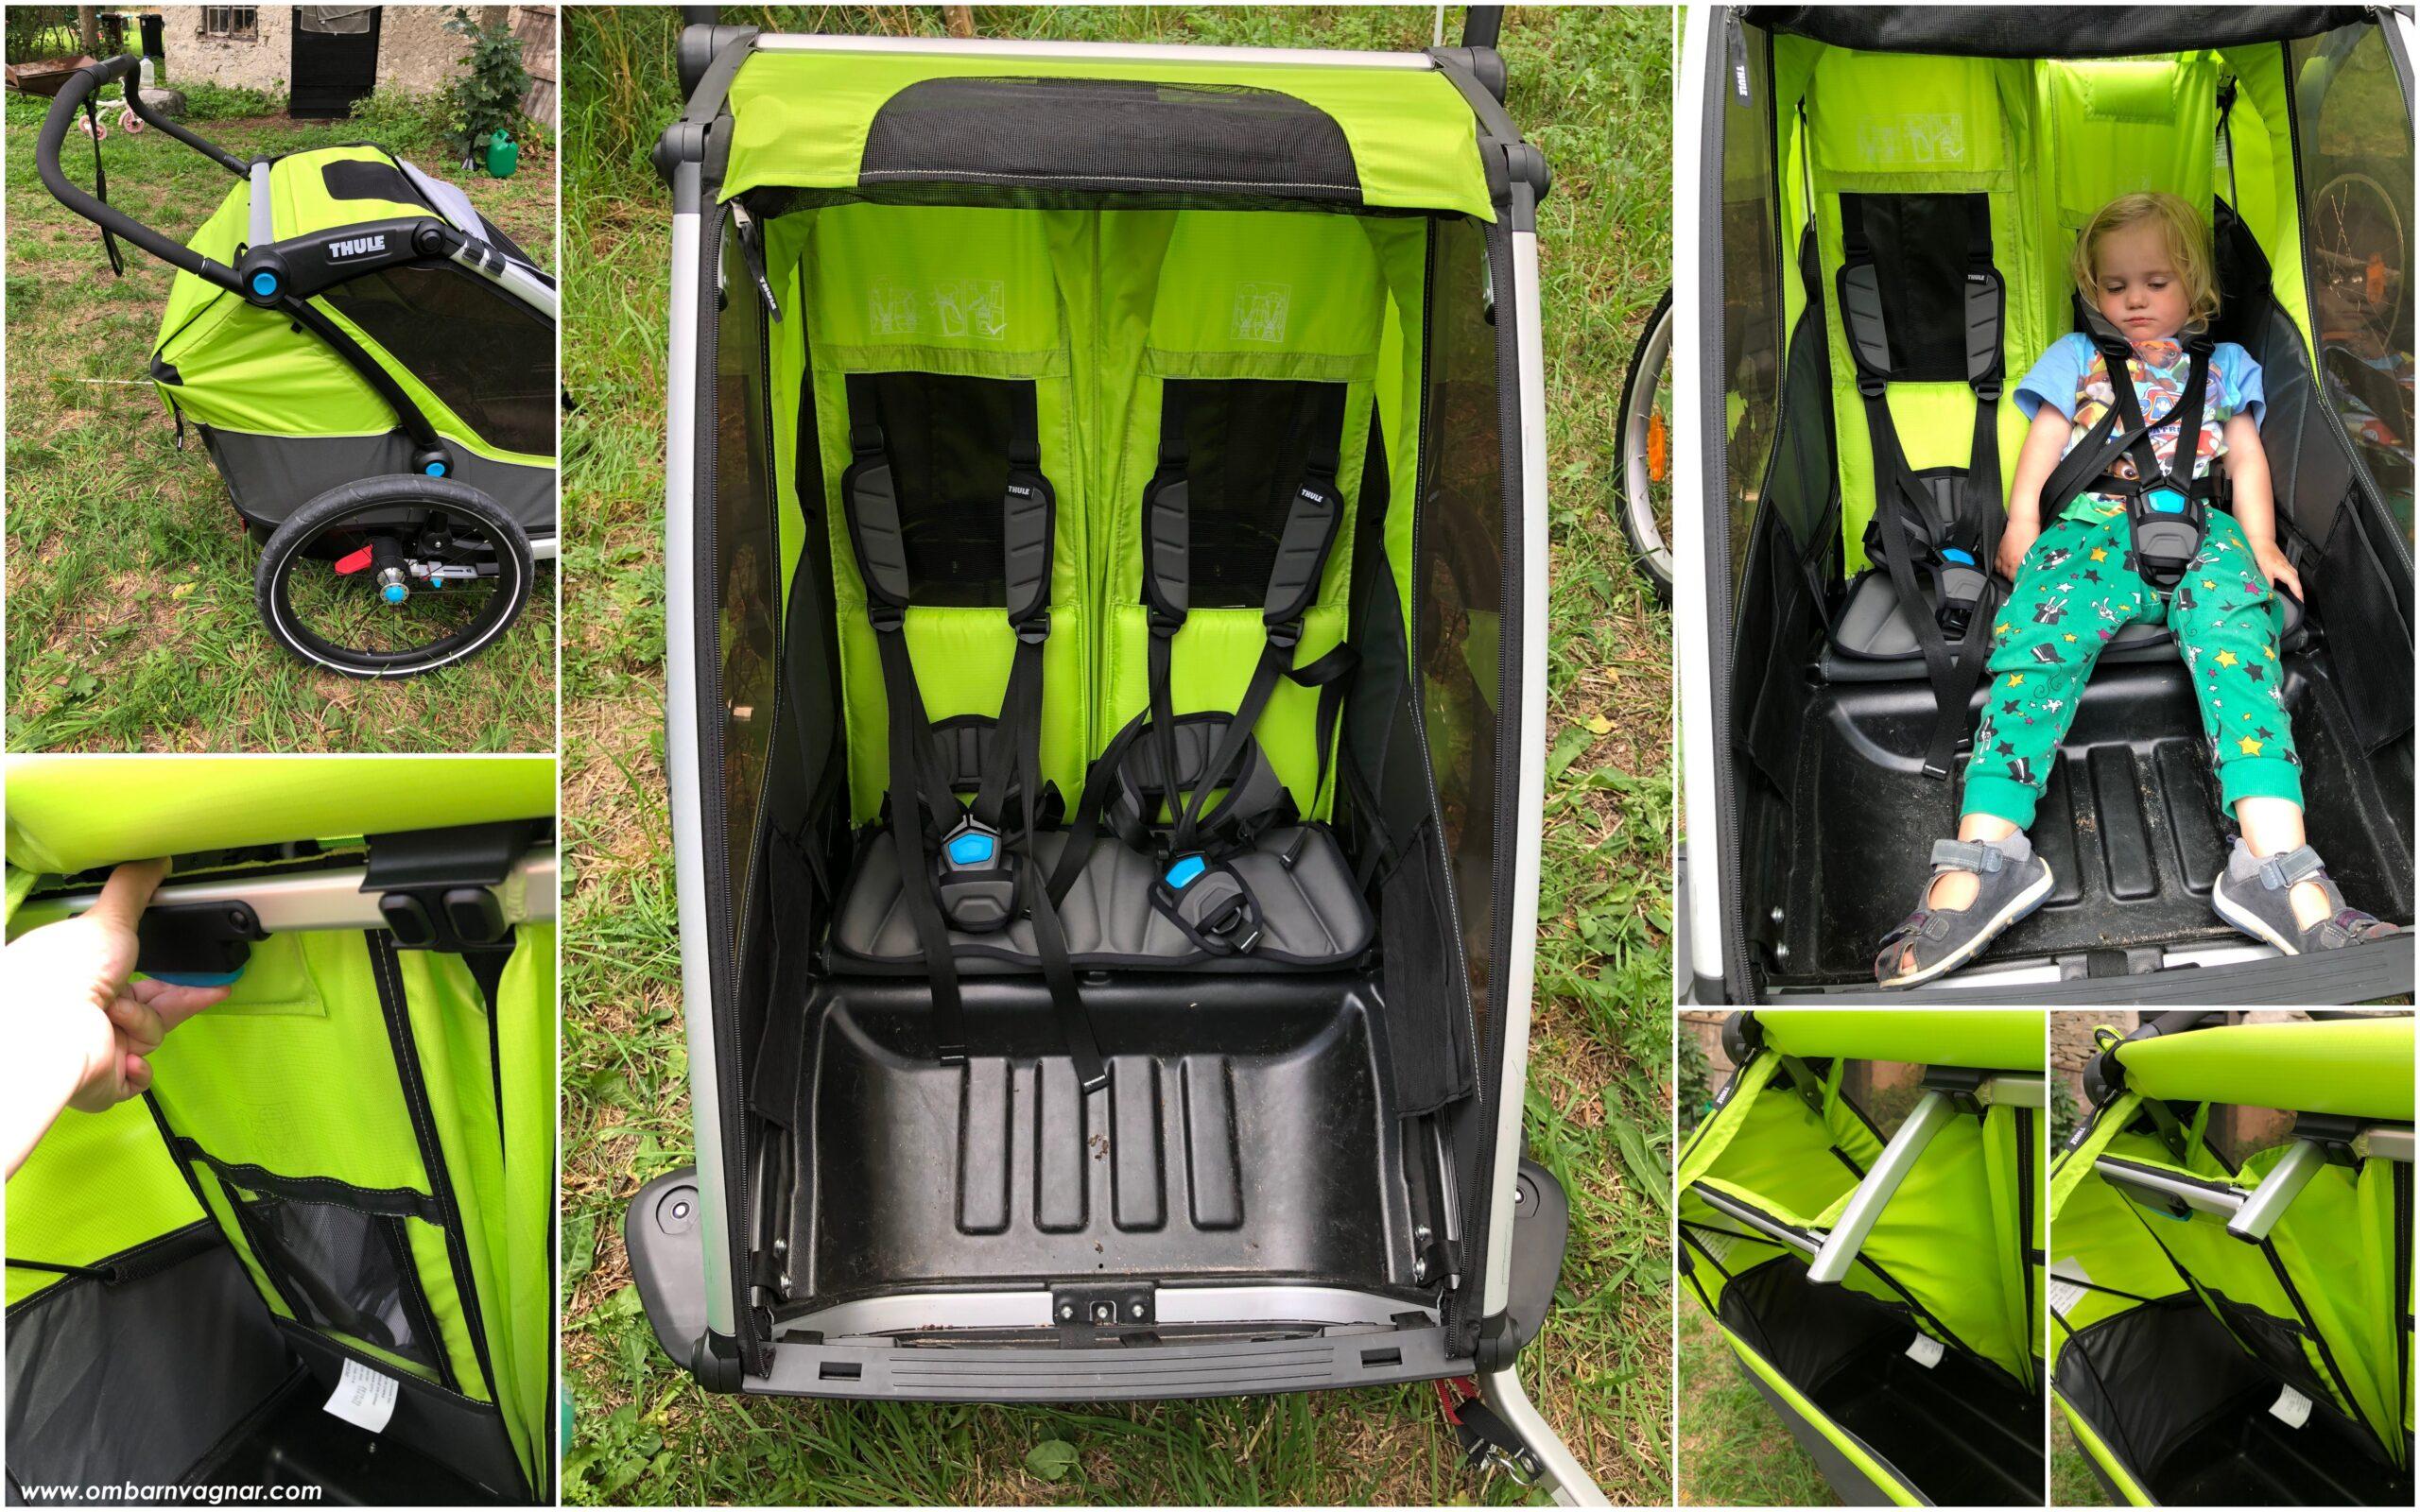 Thule Chariot Cab 2 cykelvagn har ställbart viloläge på ryggstöden